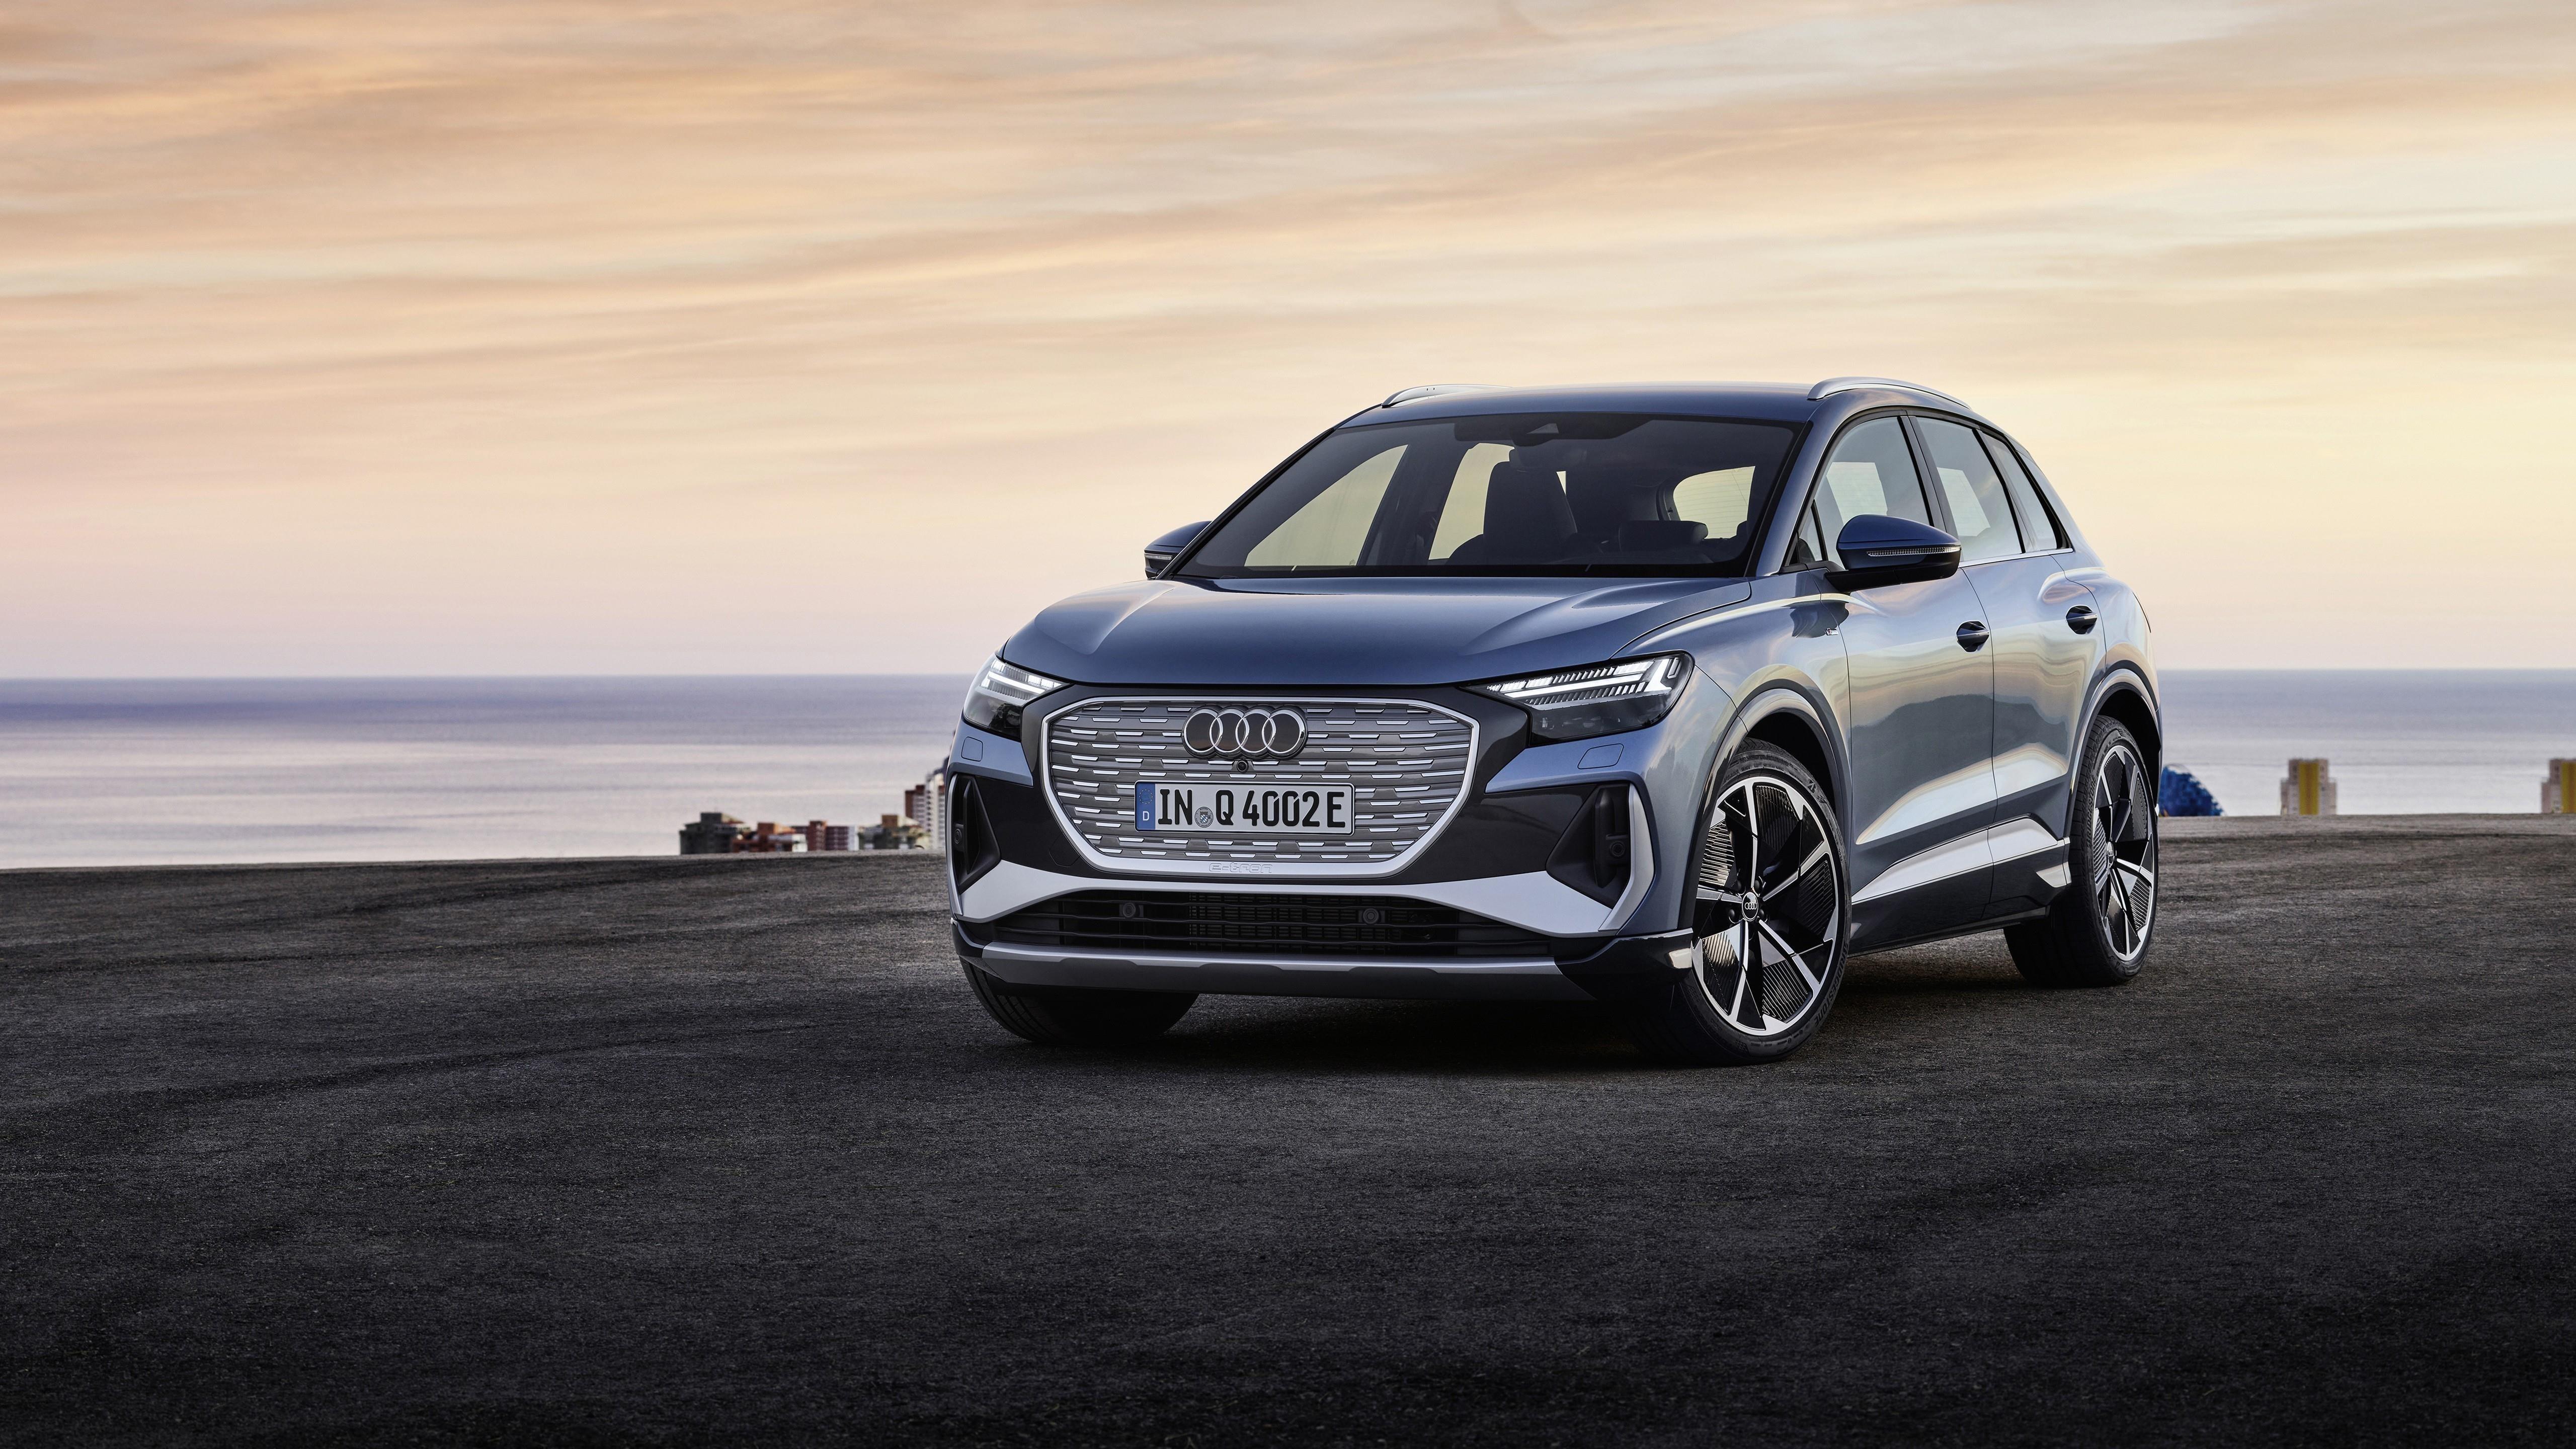 Audi q4 50 e tron s line 2021 2 автомобиля обои скачать